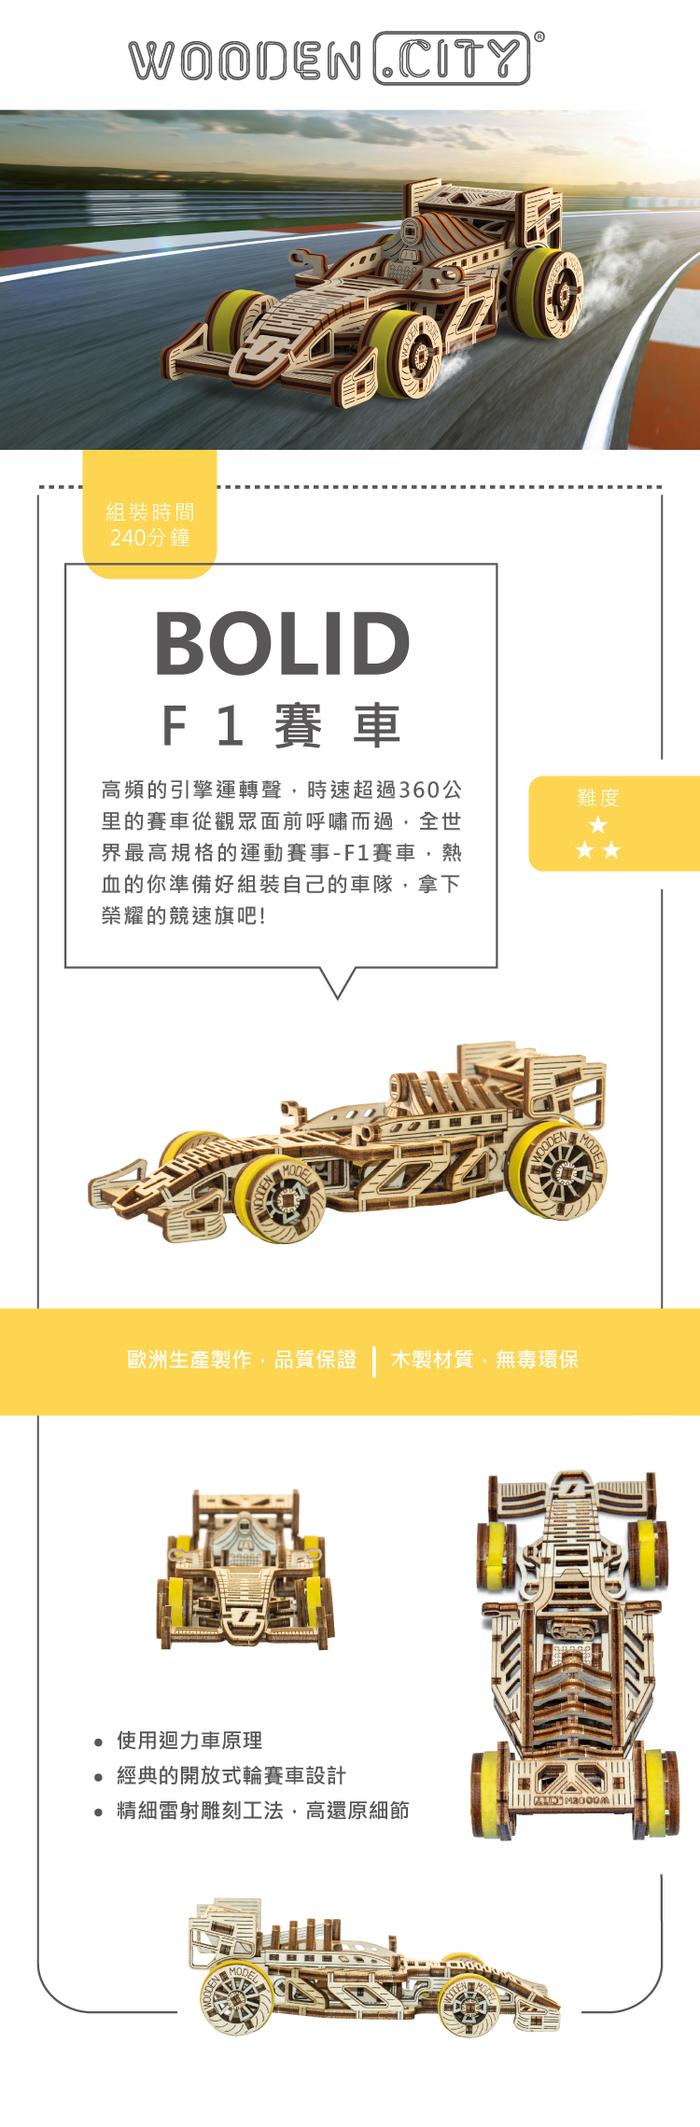 (複製)WOODEN CITY|動力模型 - 檔車傳奇 cafe racer